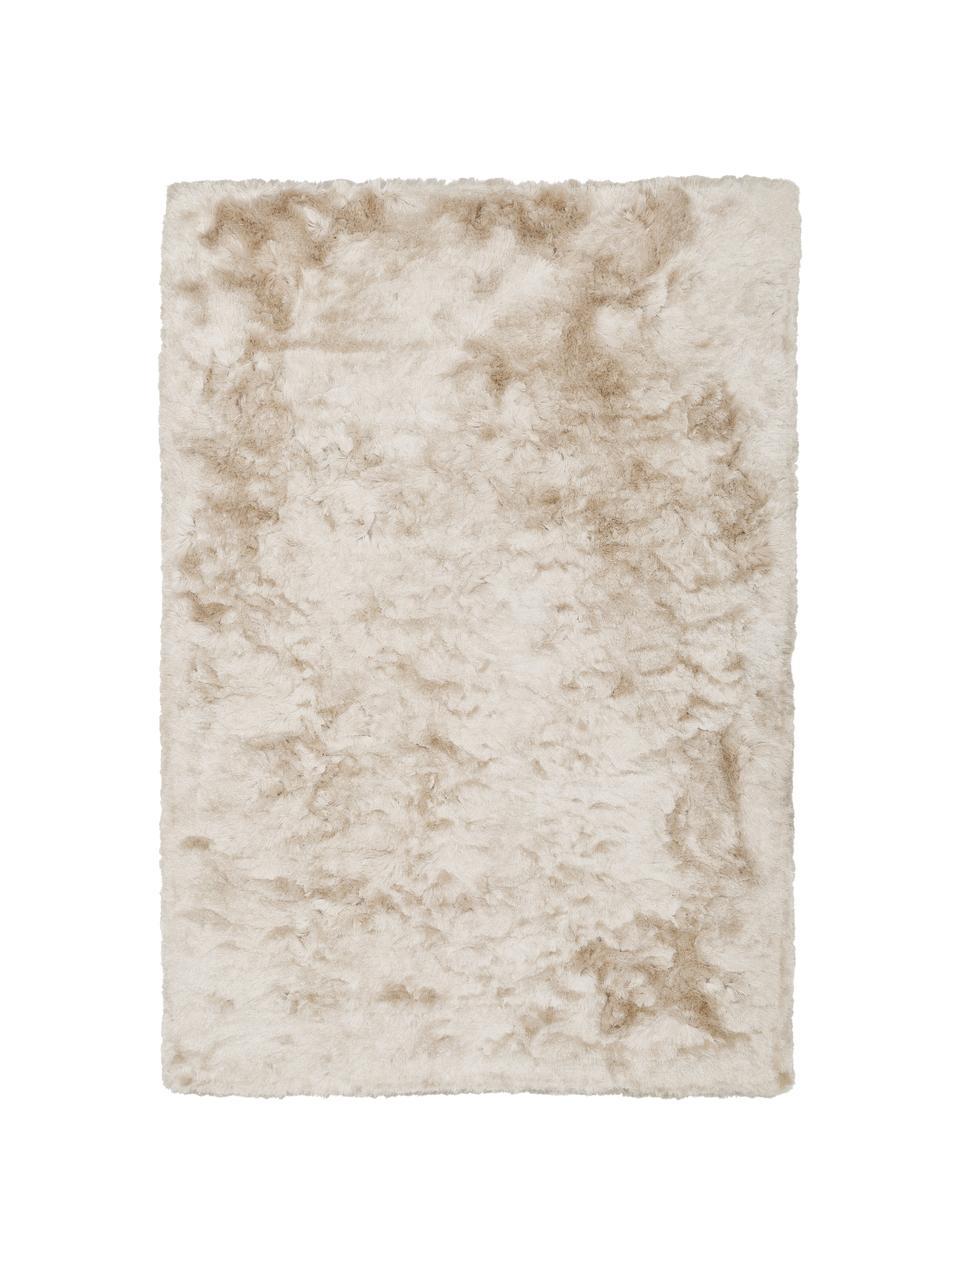 Glänzender Hochflor-Teppich Jimmy in Elfenbein, Flor: 100% Polyester, Elfenbeinfarben, B 300 x L 400 cm (Größe XL)